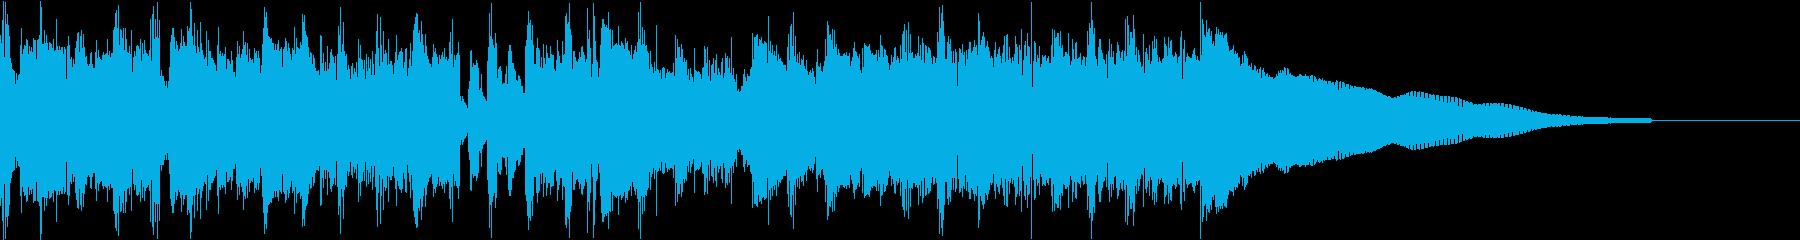 カントリー風ギターイントロ−07Cの再生済みの波形